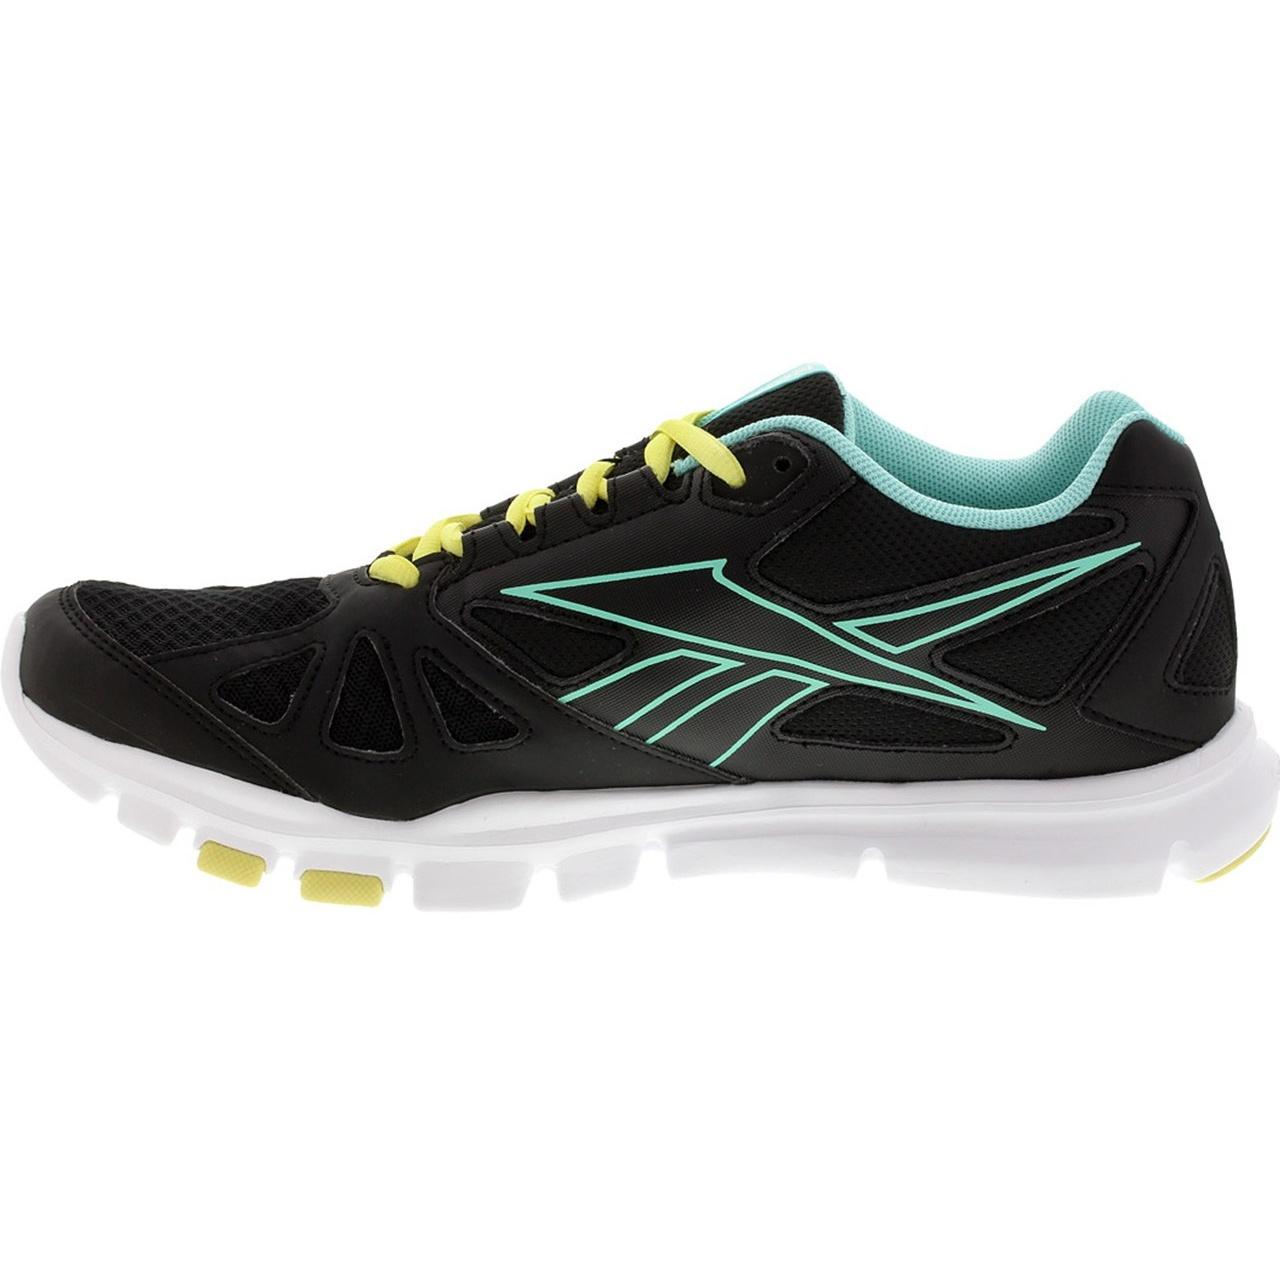 کفش مخصوص دویدن زنانه ریباک مدل Yourflex Trainette RS 6.0